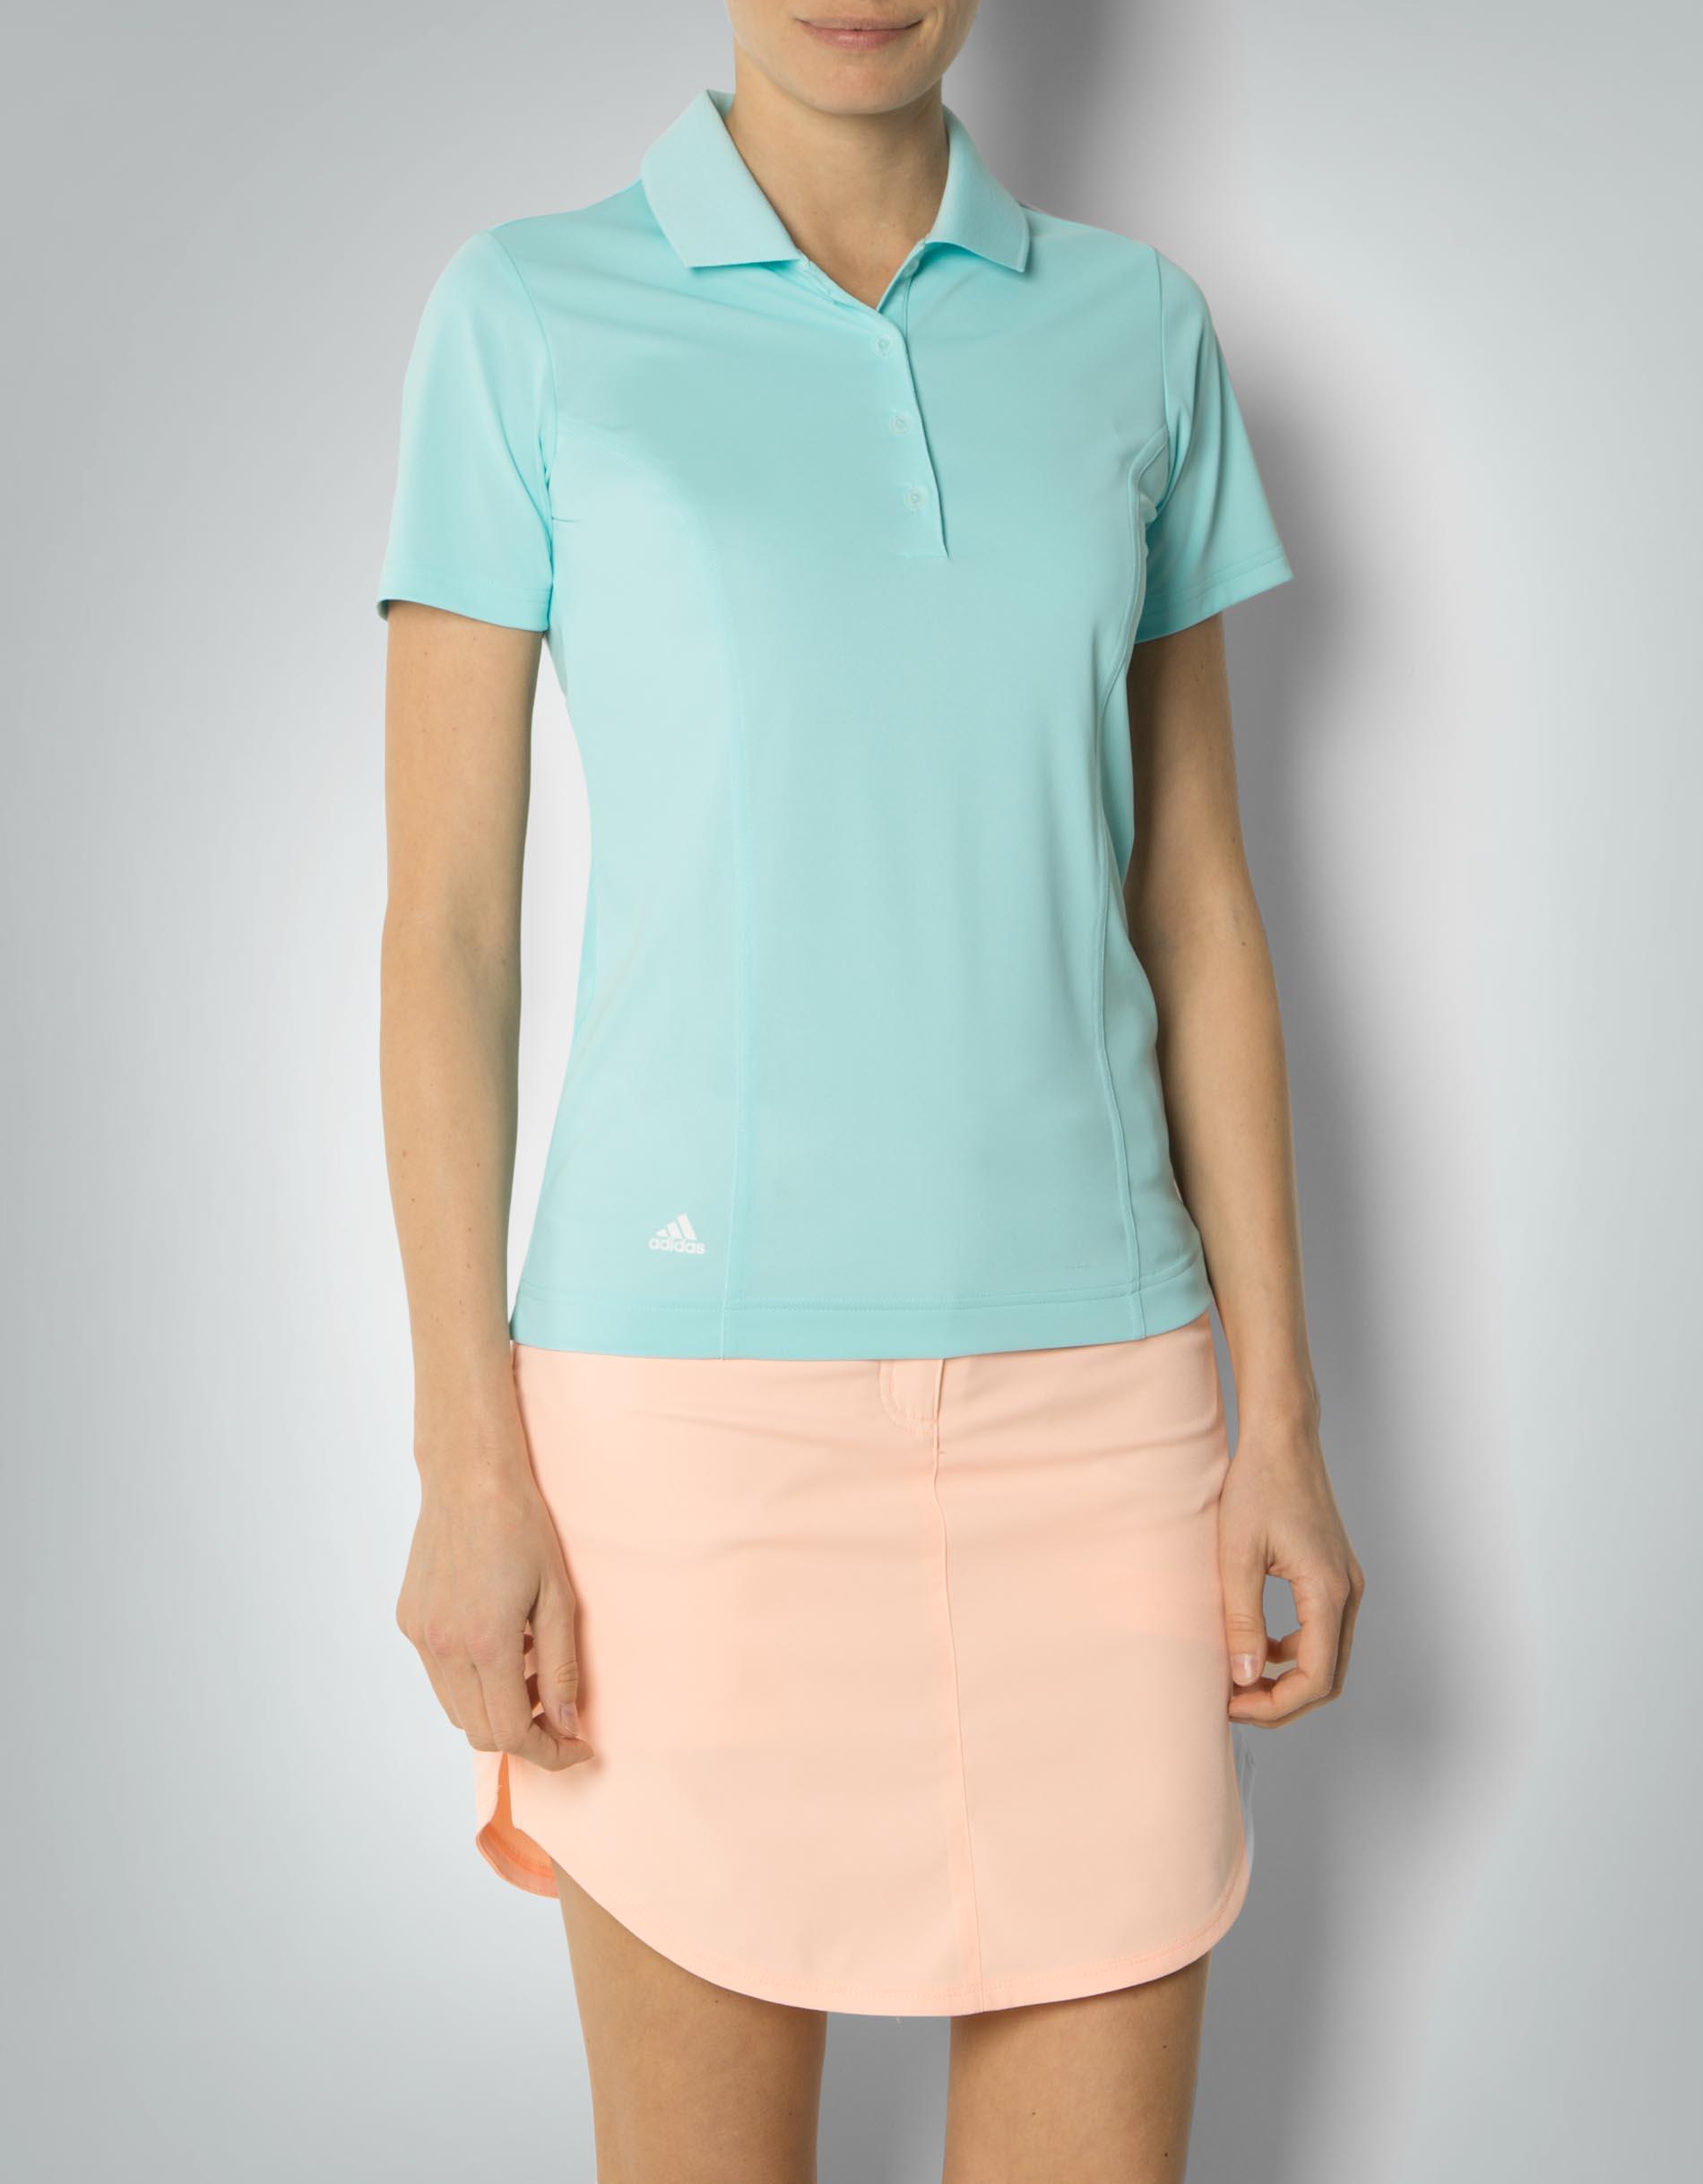 adidas golf damen essentials polo shirt im schmalen schnitt empfohlen von deinen schwestern. Black Bedroom Furniture Sets. Home Design Ideas